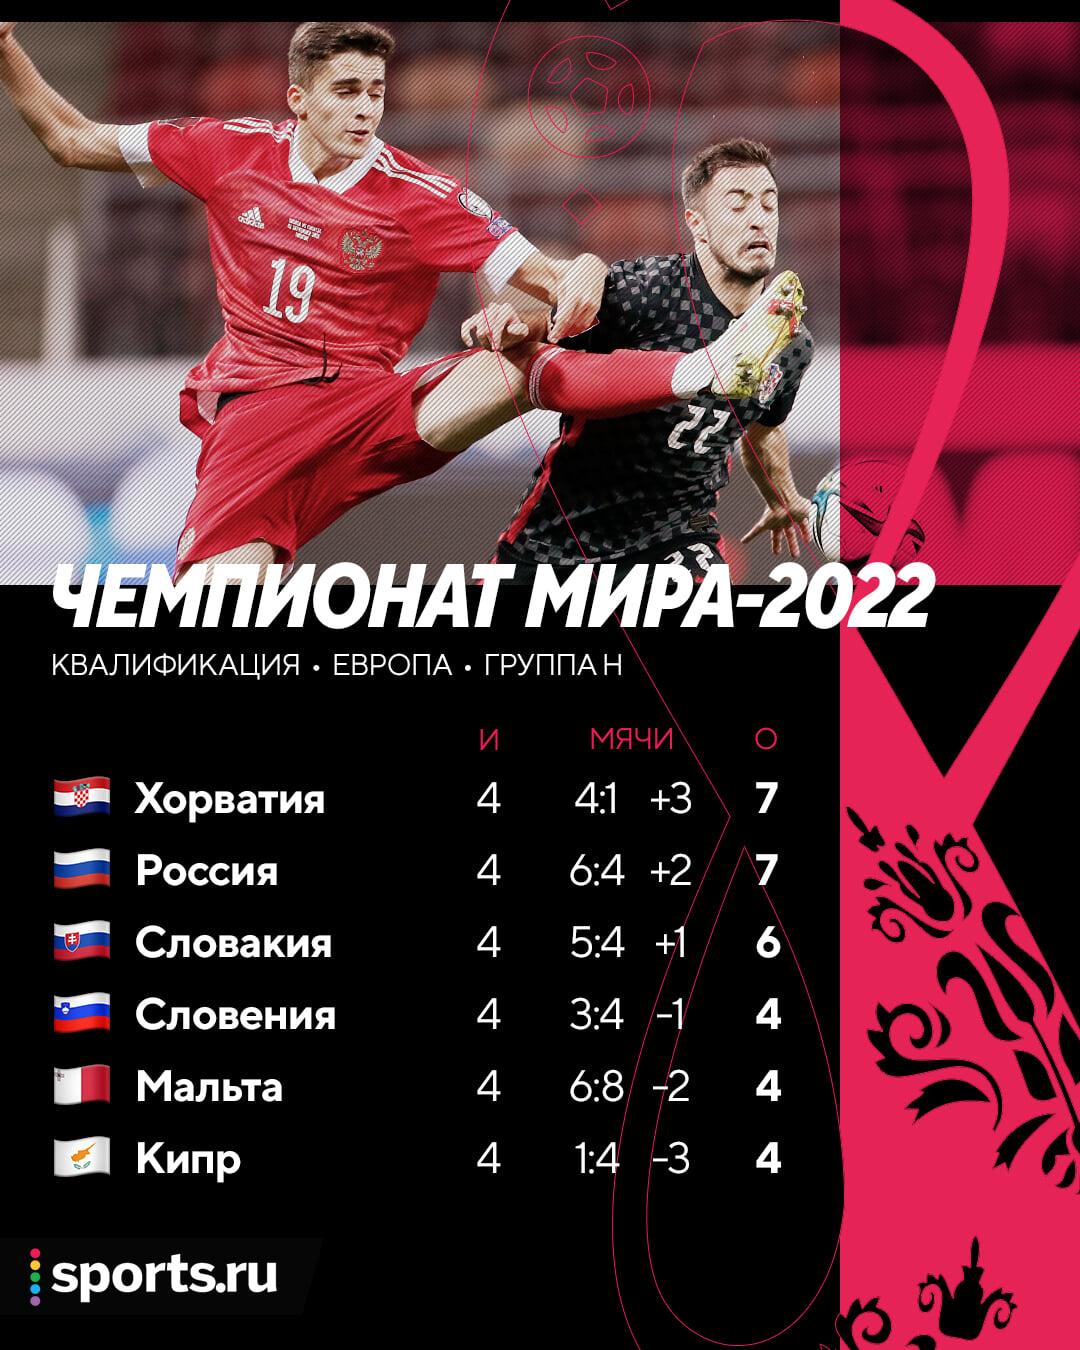 Как дела в группе? Хорватия и Россия идут вровень